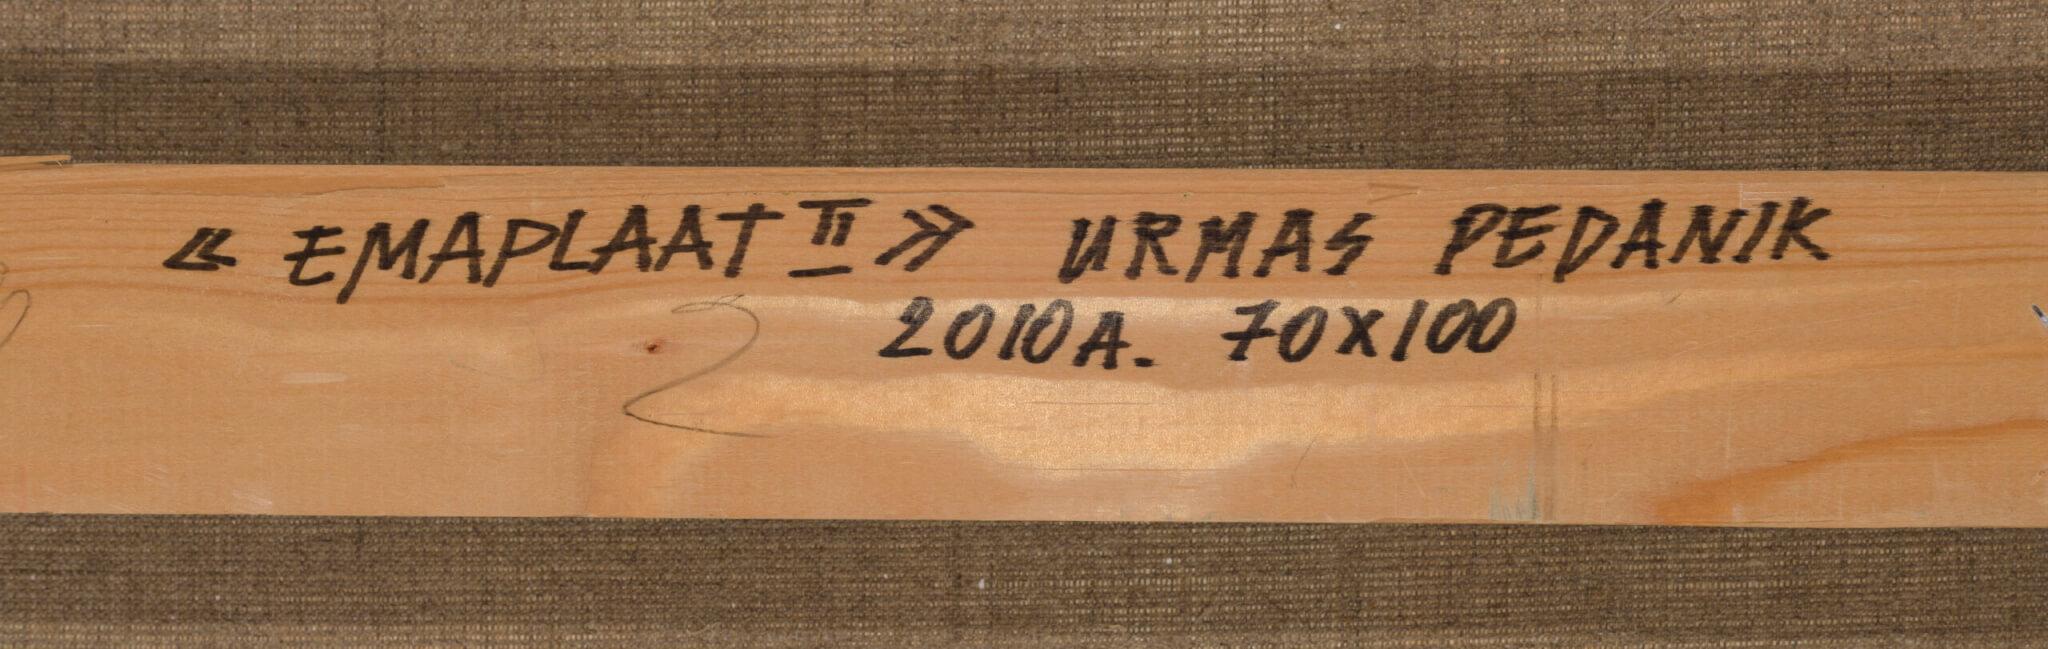 Urmas-Pedanik-Emaplaat-II-Allee-galerii